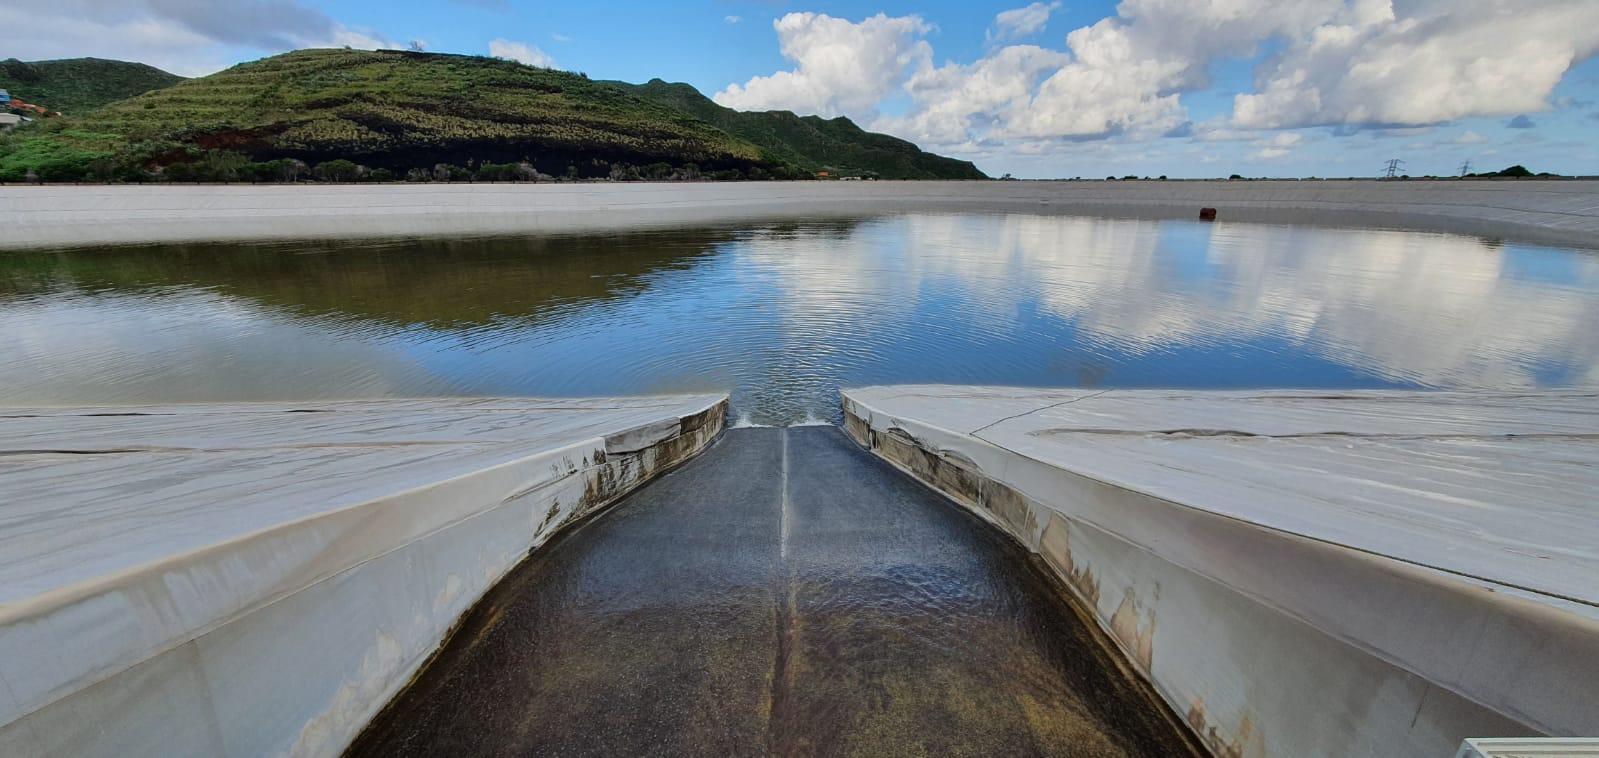 En la balsa de Valle Molina, en Tegueste, estaban entrando unos 300 metros cúbicos de agua la hora el pasado miércoles gracias a la lluvia. DA